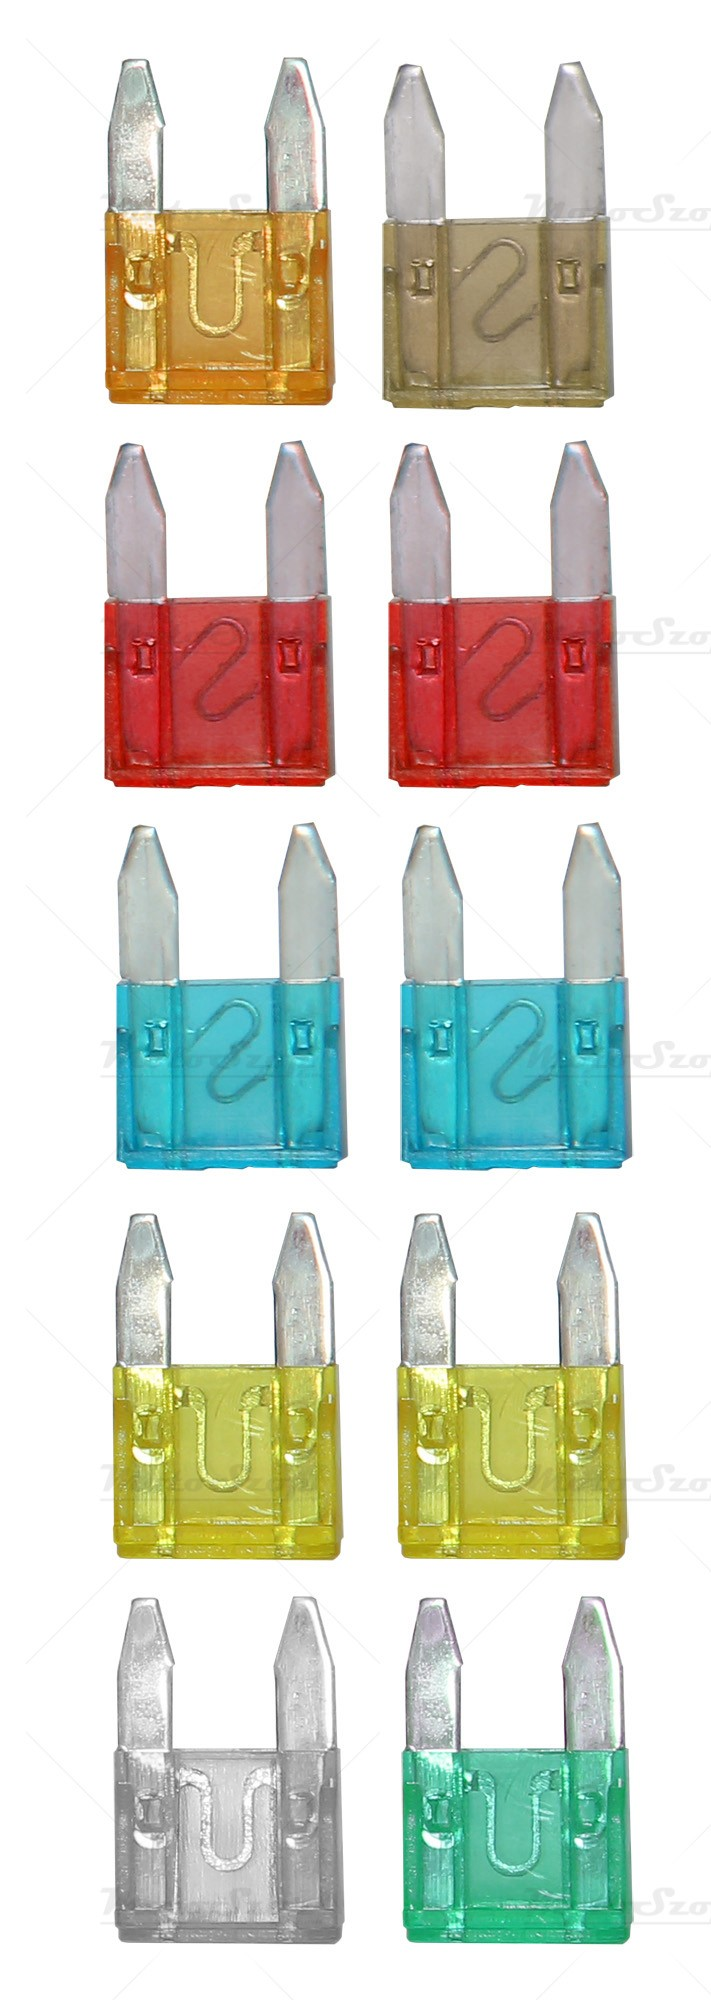 Bezpiecznik płytkowy MINI 5A (100szt.)